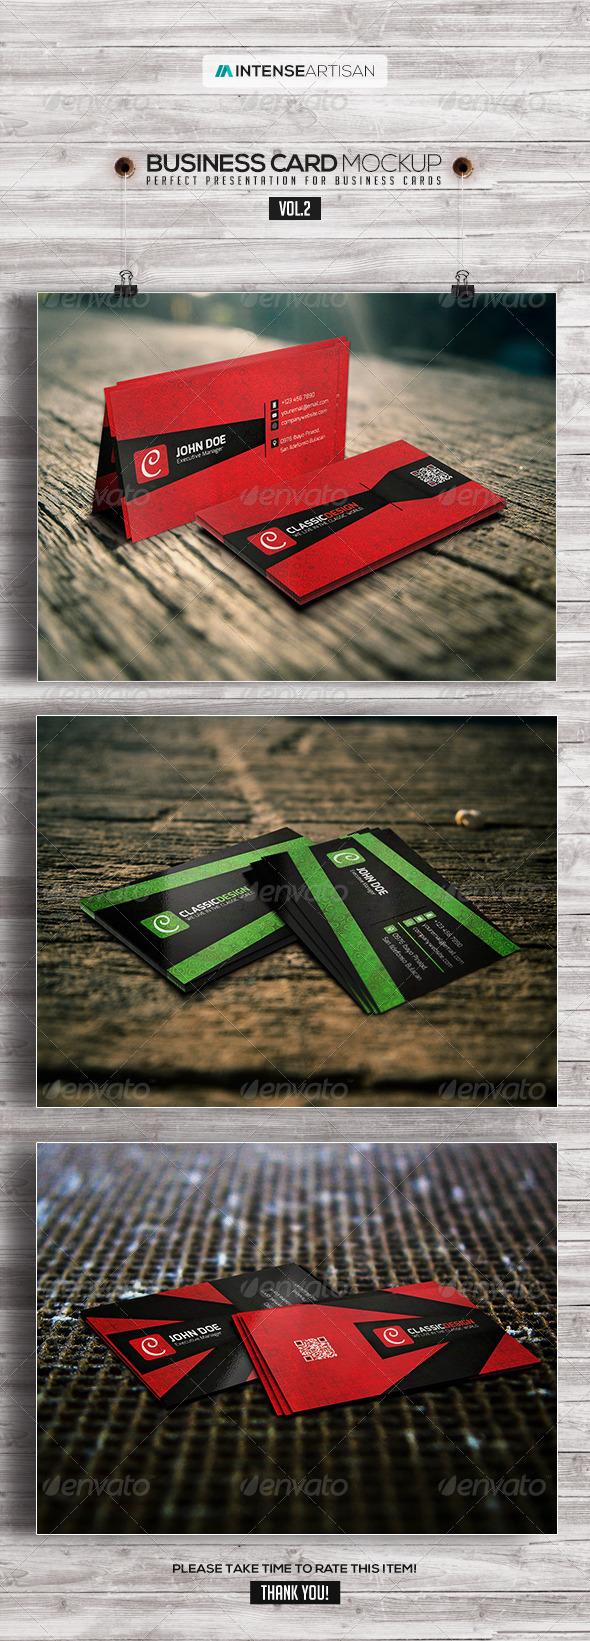 Business Card Mockup V.2 - Business Cards Print